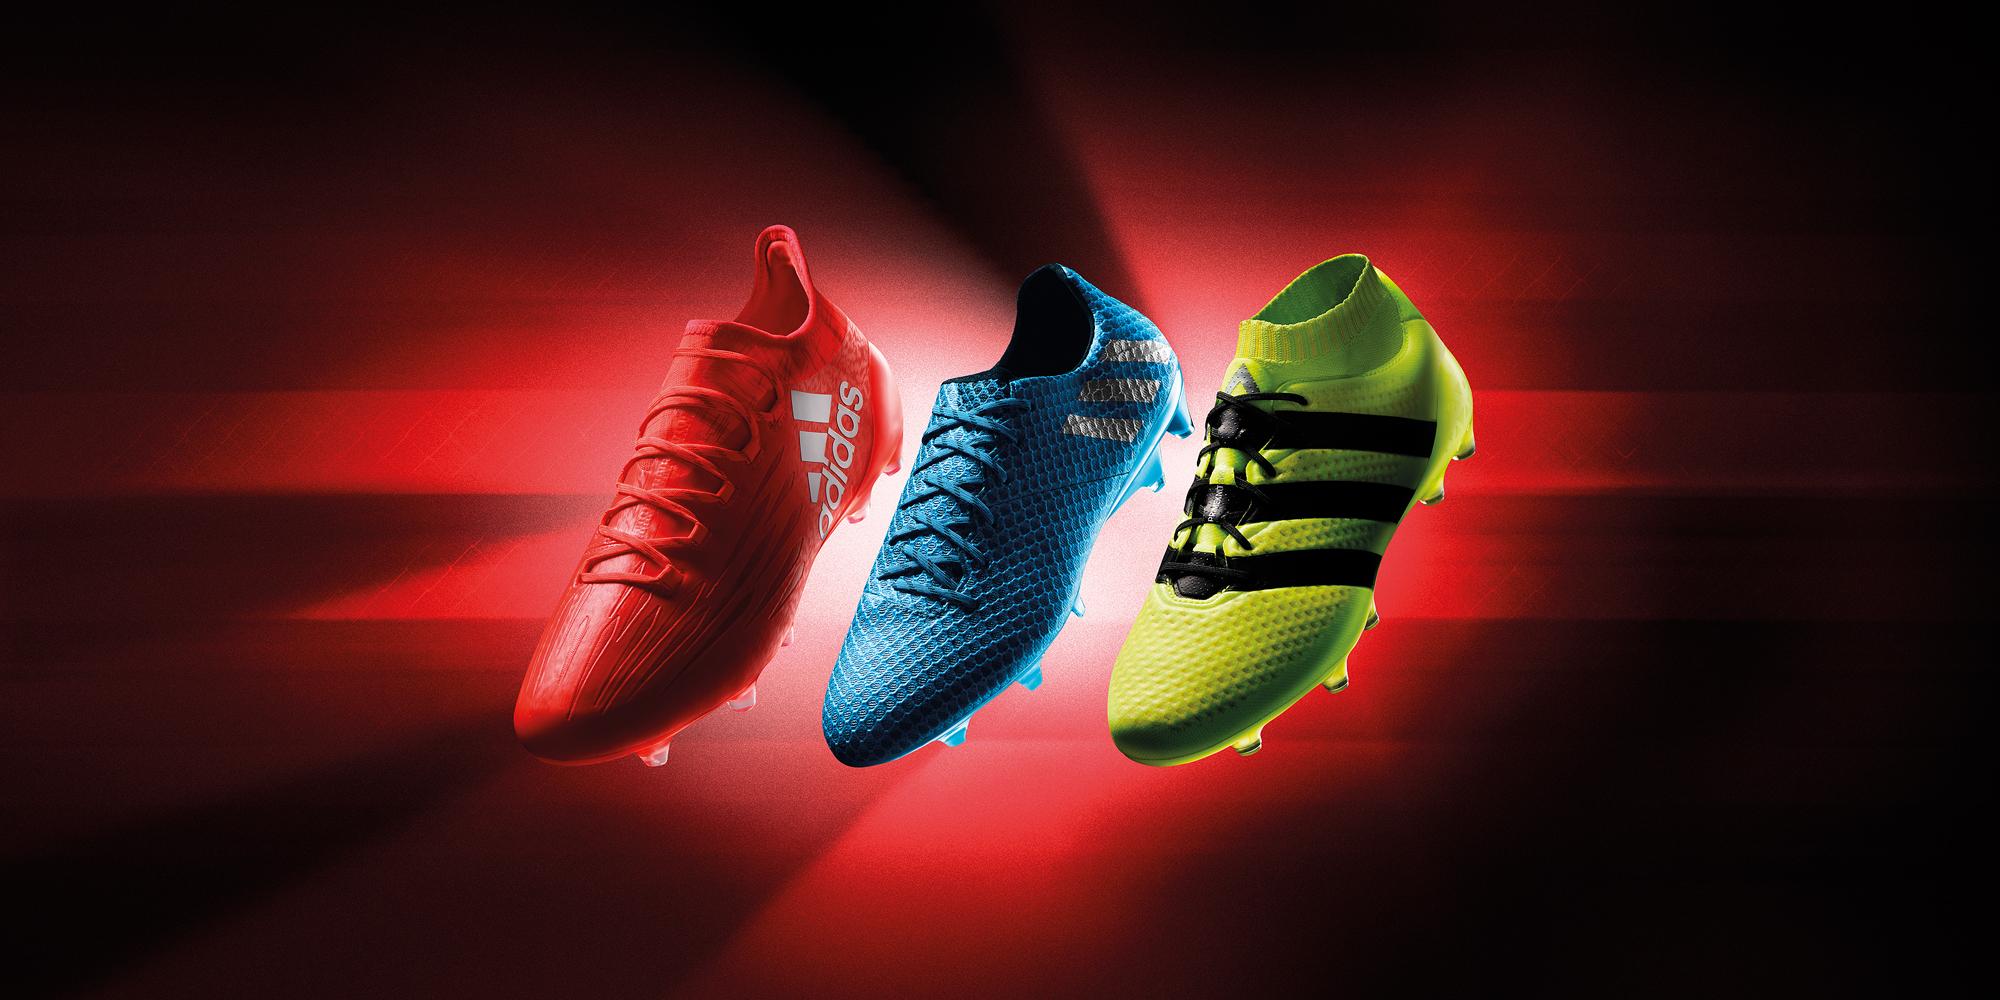 autentica di fabbrica Super carino prezzo abbordabile Sportland Acquista Su Light Adidas Online Speed Of wqxYwFPT ...